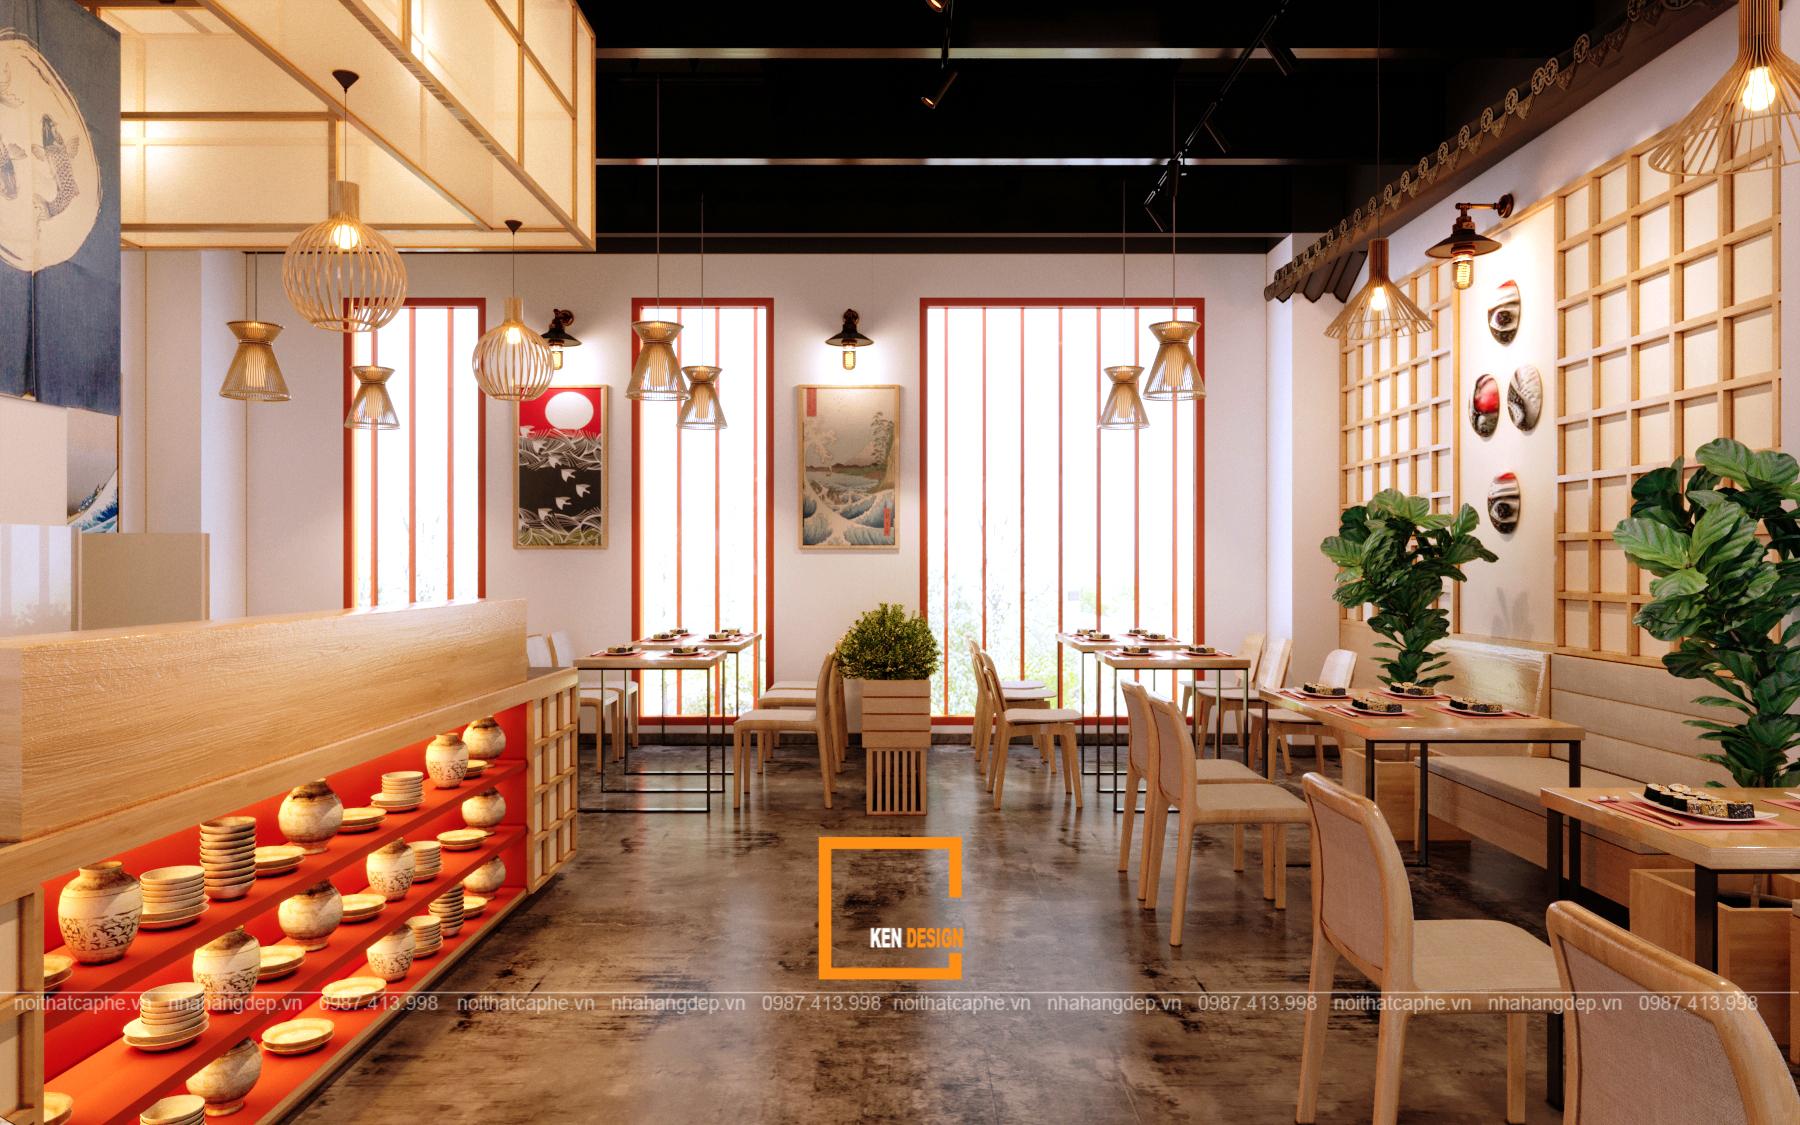 hiết kế thi công nội thất nhà hàng